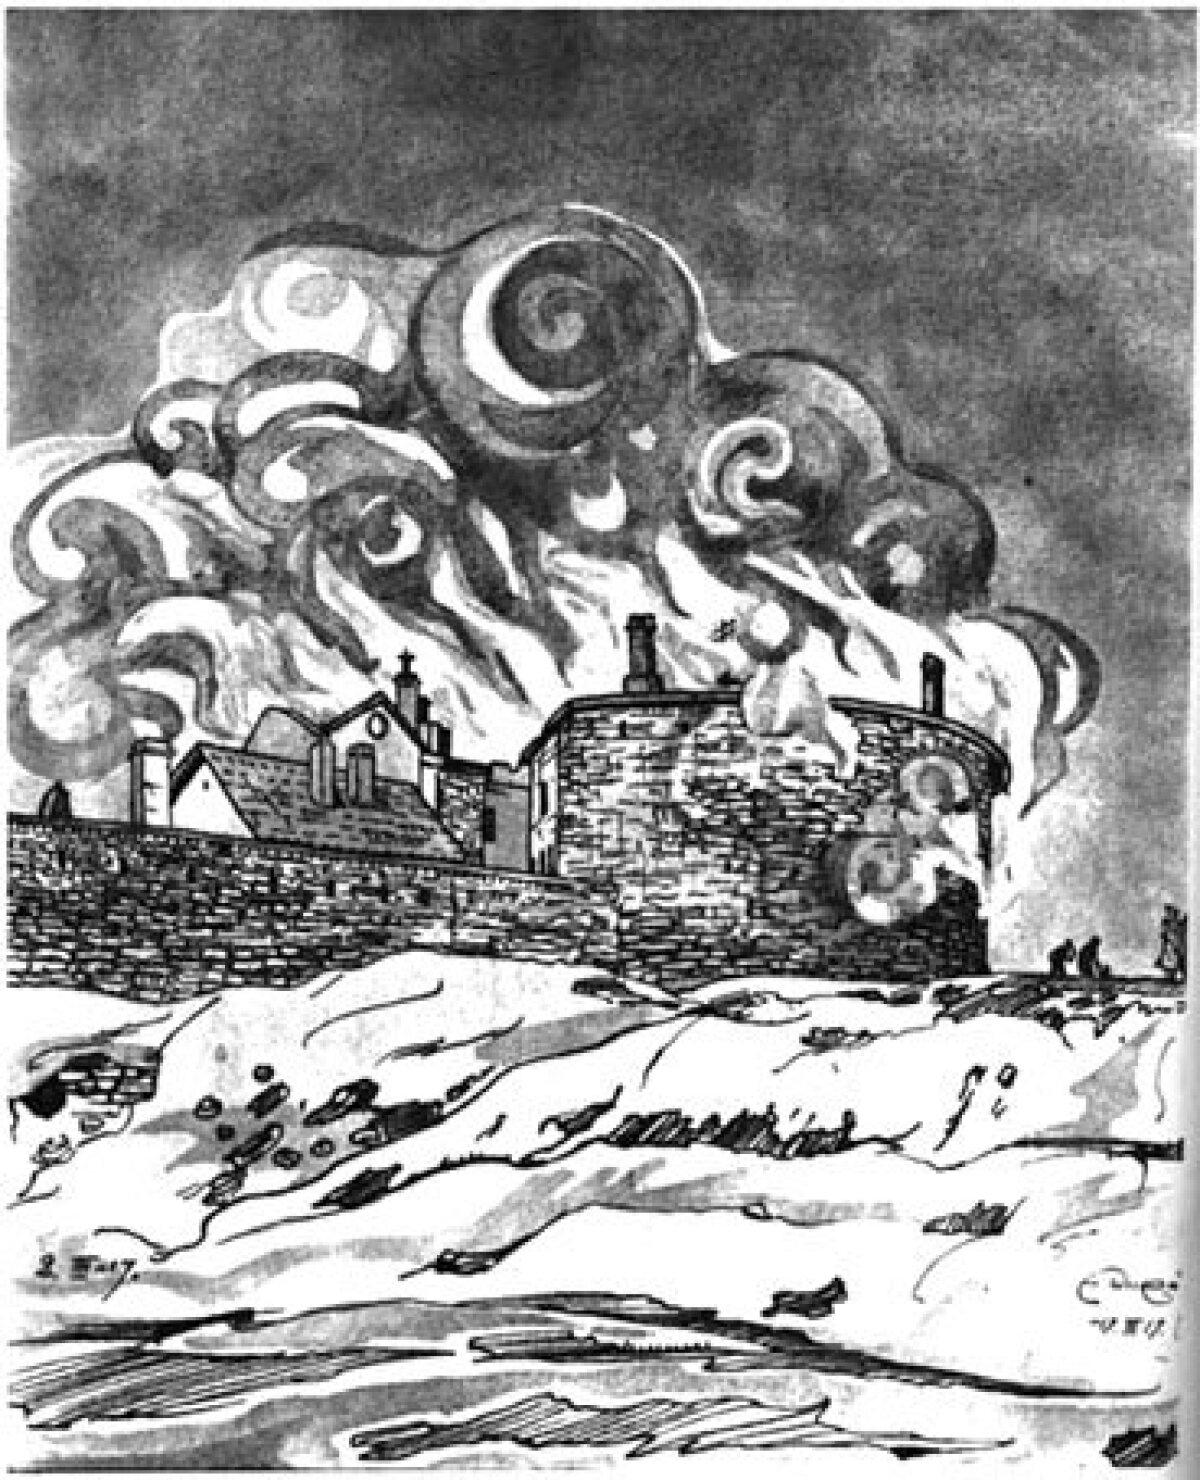 Paksu Margareeta vangla põlemine. Eduard Wiiralti joonistus 1917. aastast.